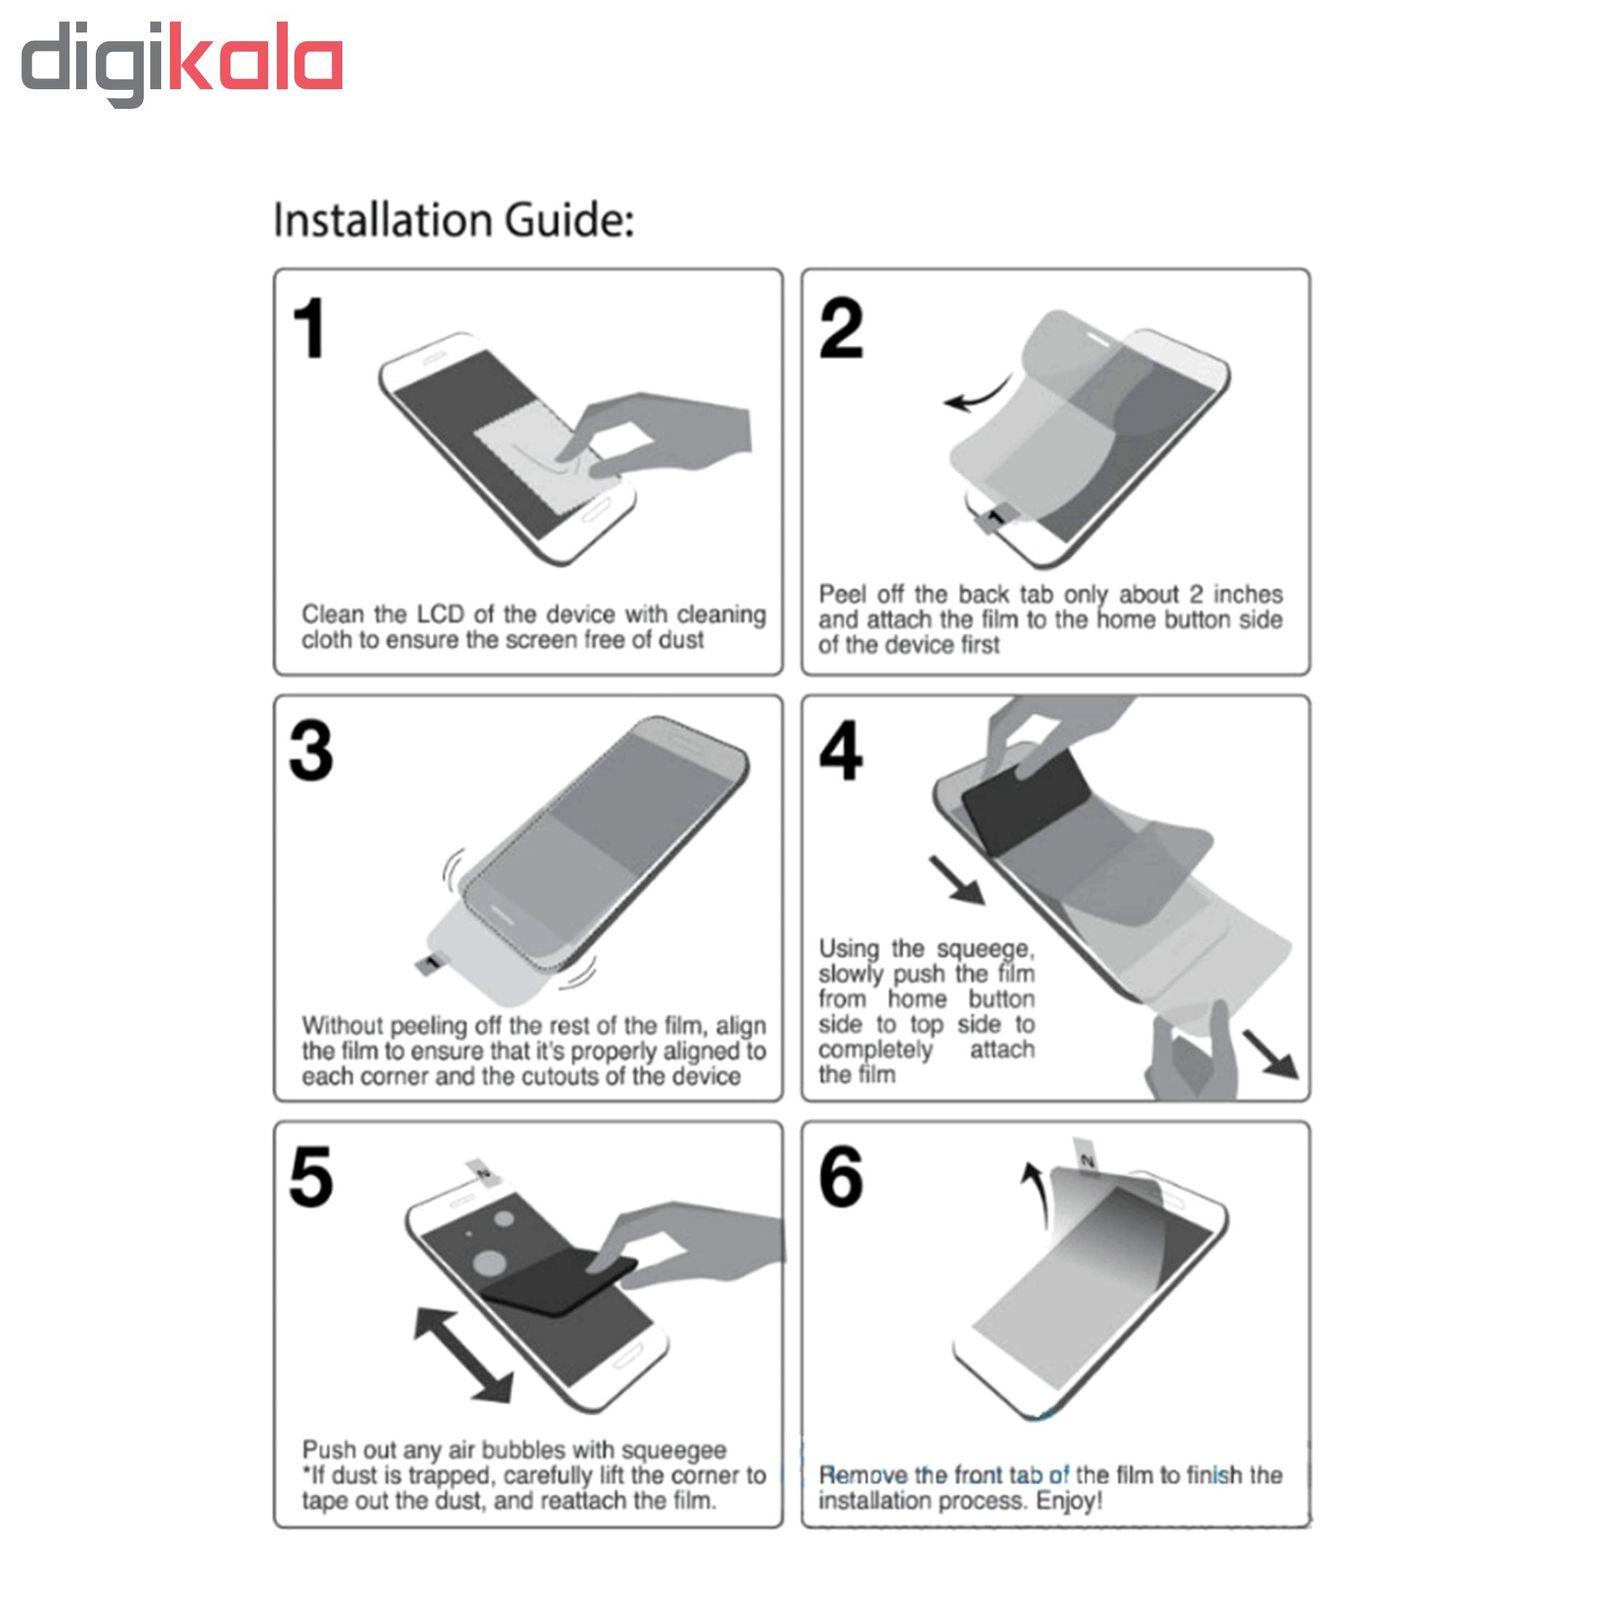 محافظ صفحه نمایش hard and thick مدل F-001 مناسب برای گوشی موبایل سامسونگ Galaxy A70 بسته دو عددی main 1 8